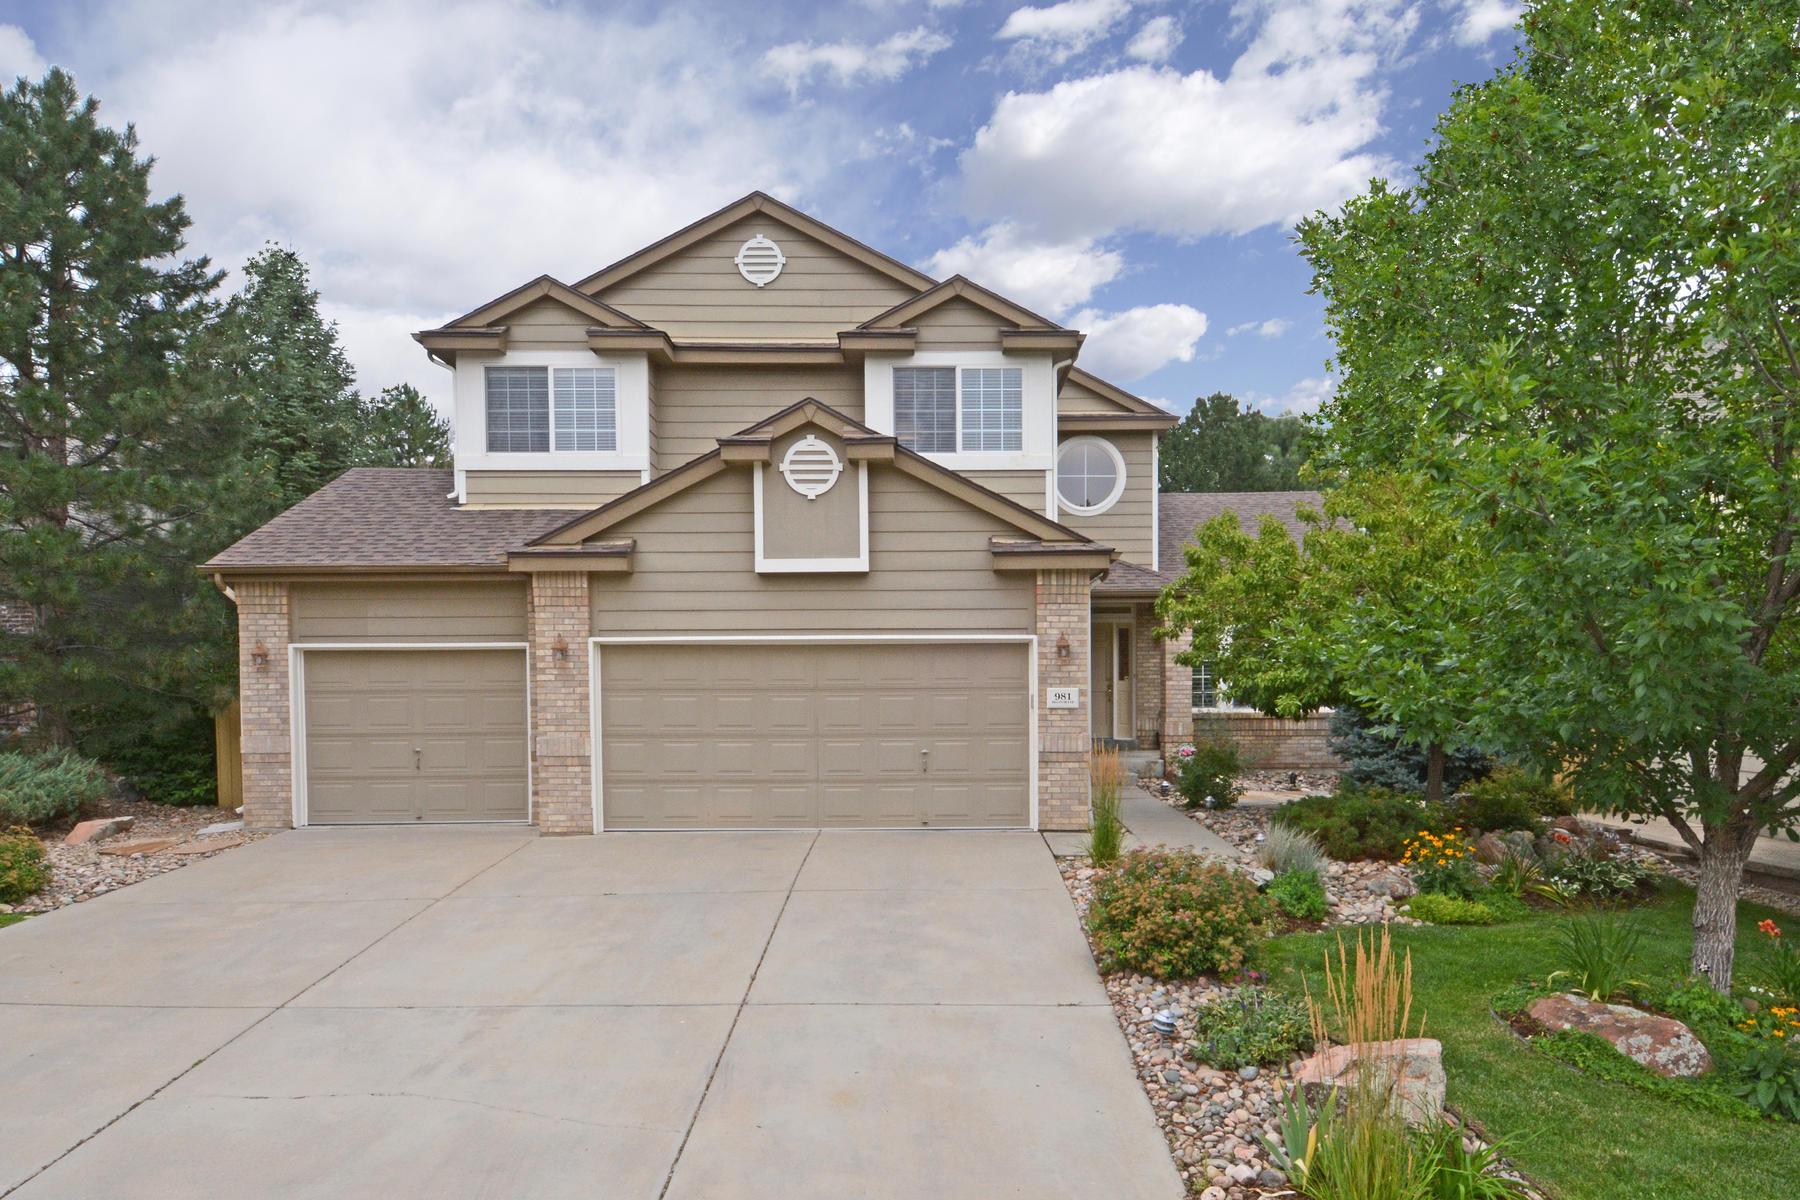 Maison unifamiliale pour l Vente à Gorgeous Updated Home With Beautiful Landscaping 981 Monroe Way Superior, Colorado, 80027 États-Unis